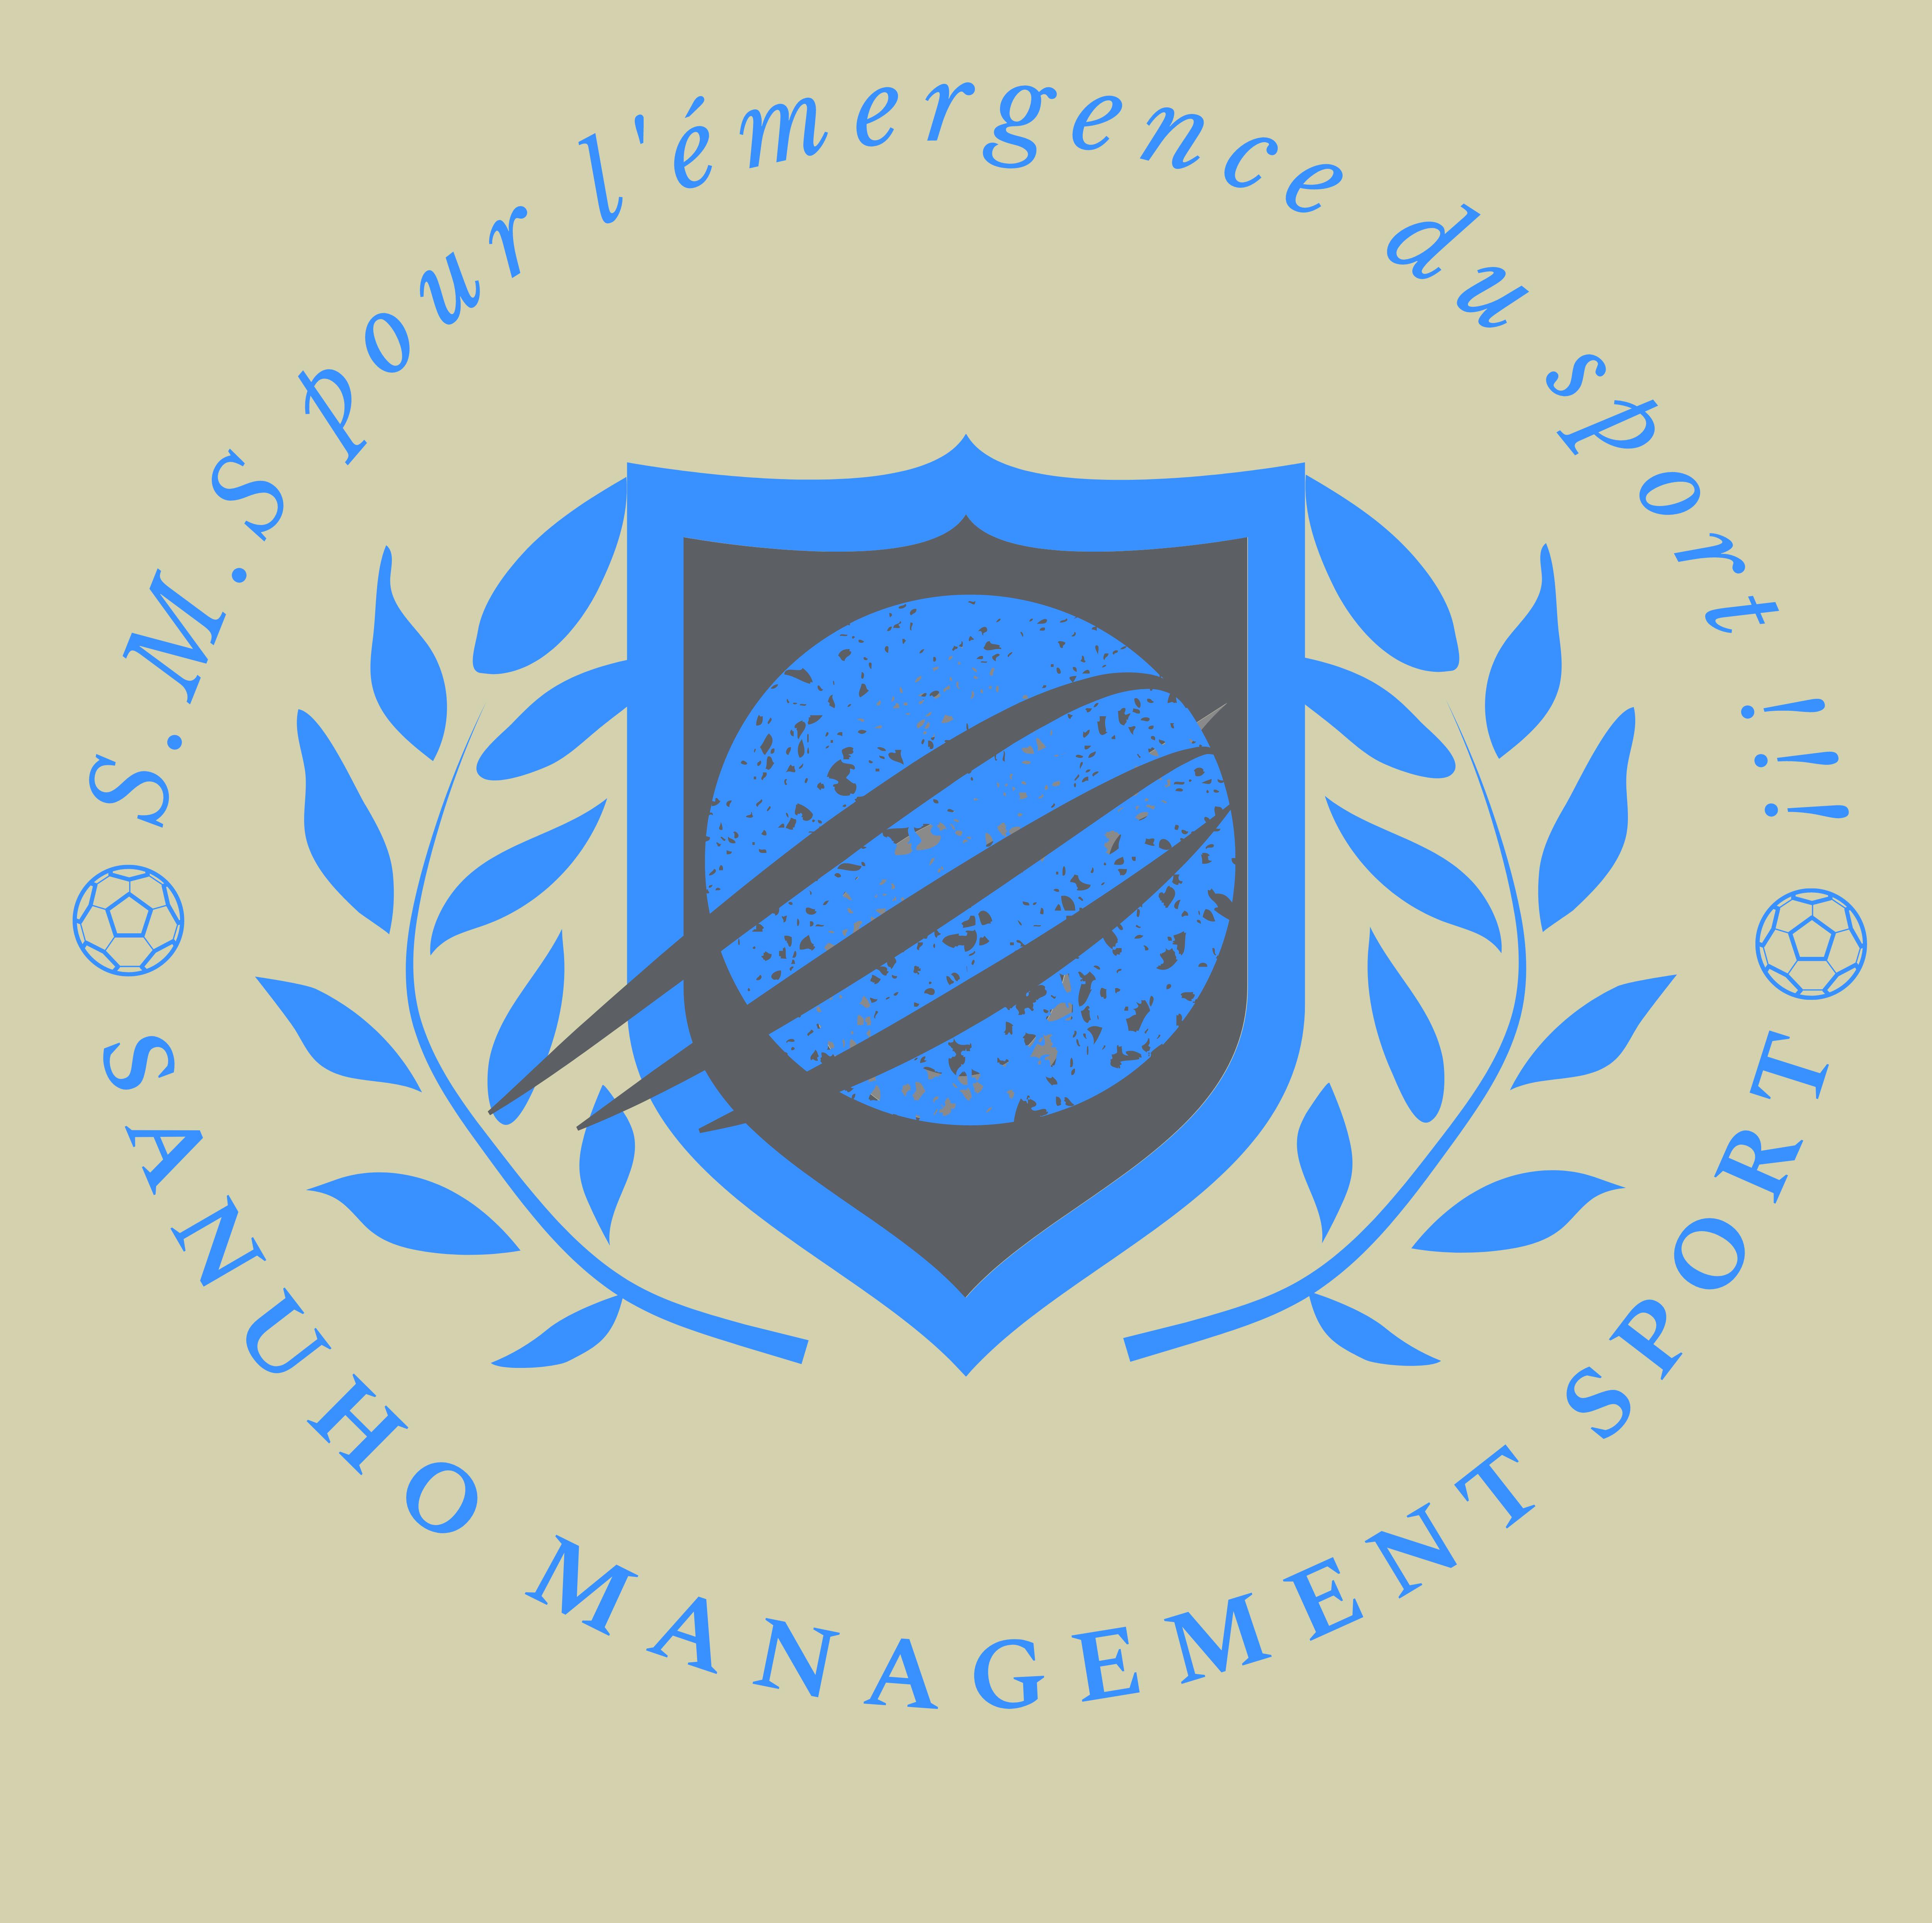 sanuho management sport